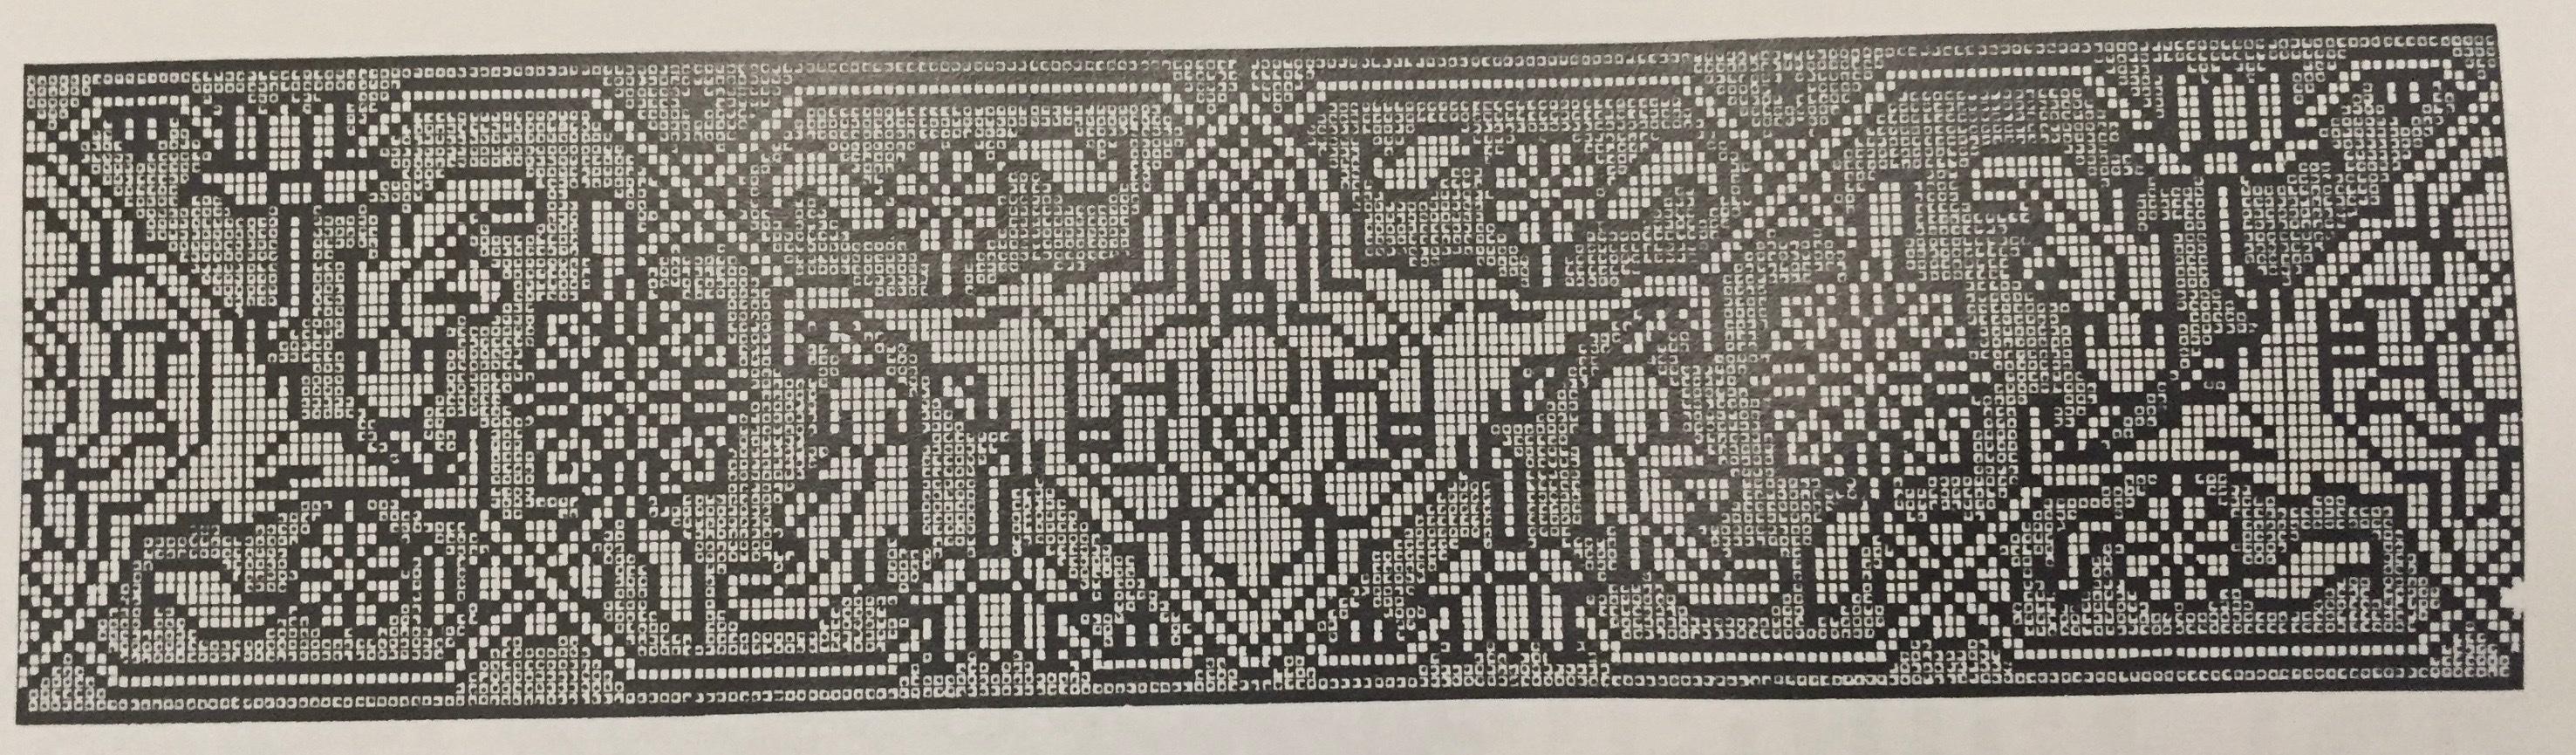 Motif compris par Cammann comme une stylisation protectrice de l'oiseau du Paradis. Image issue de l'ouvrage